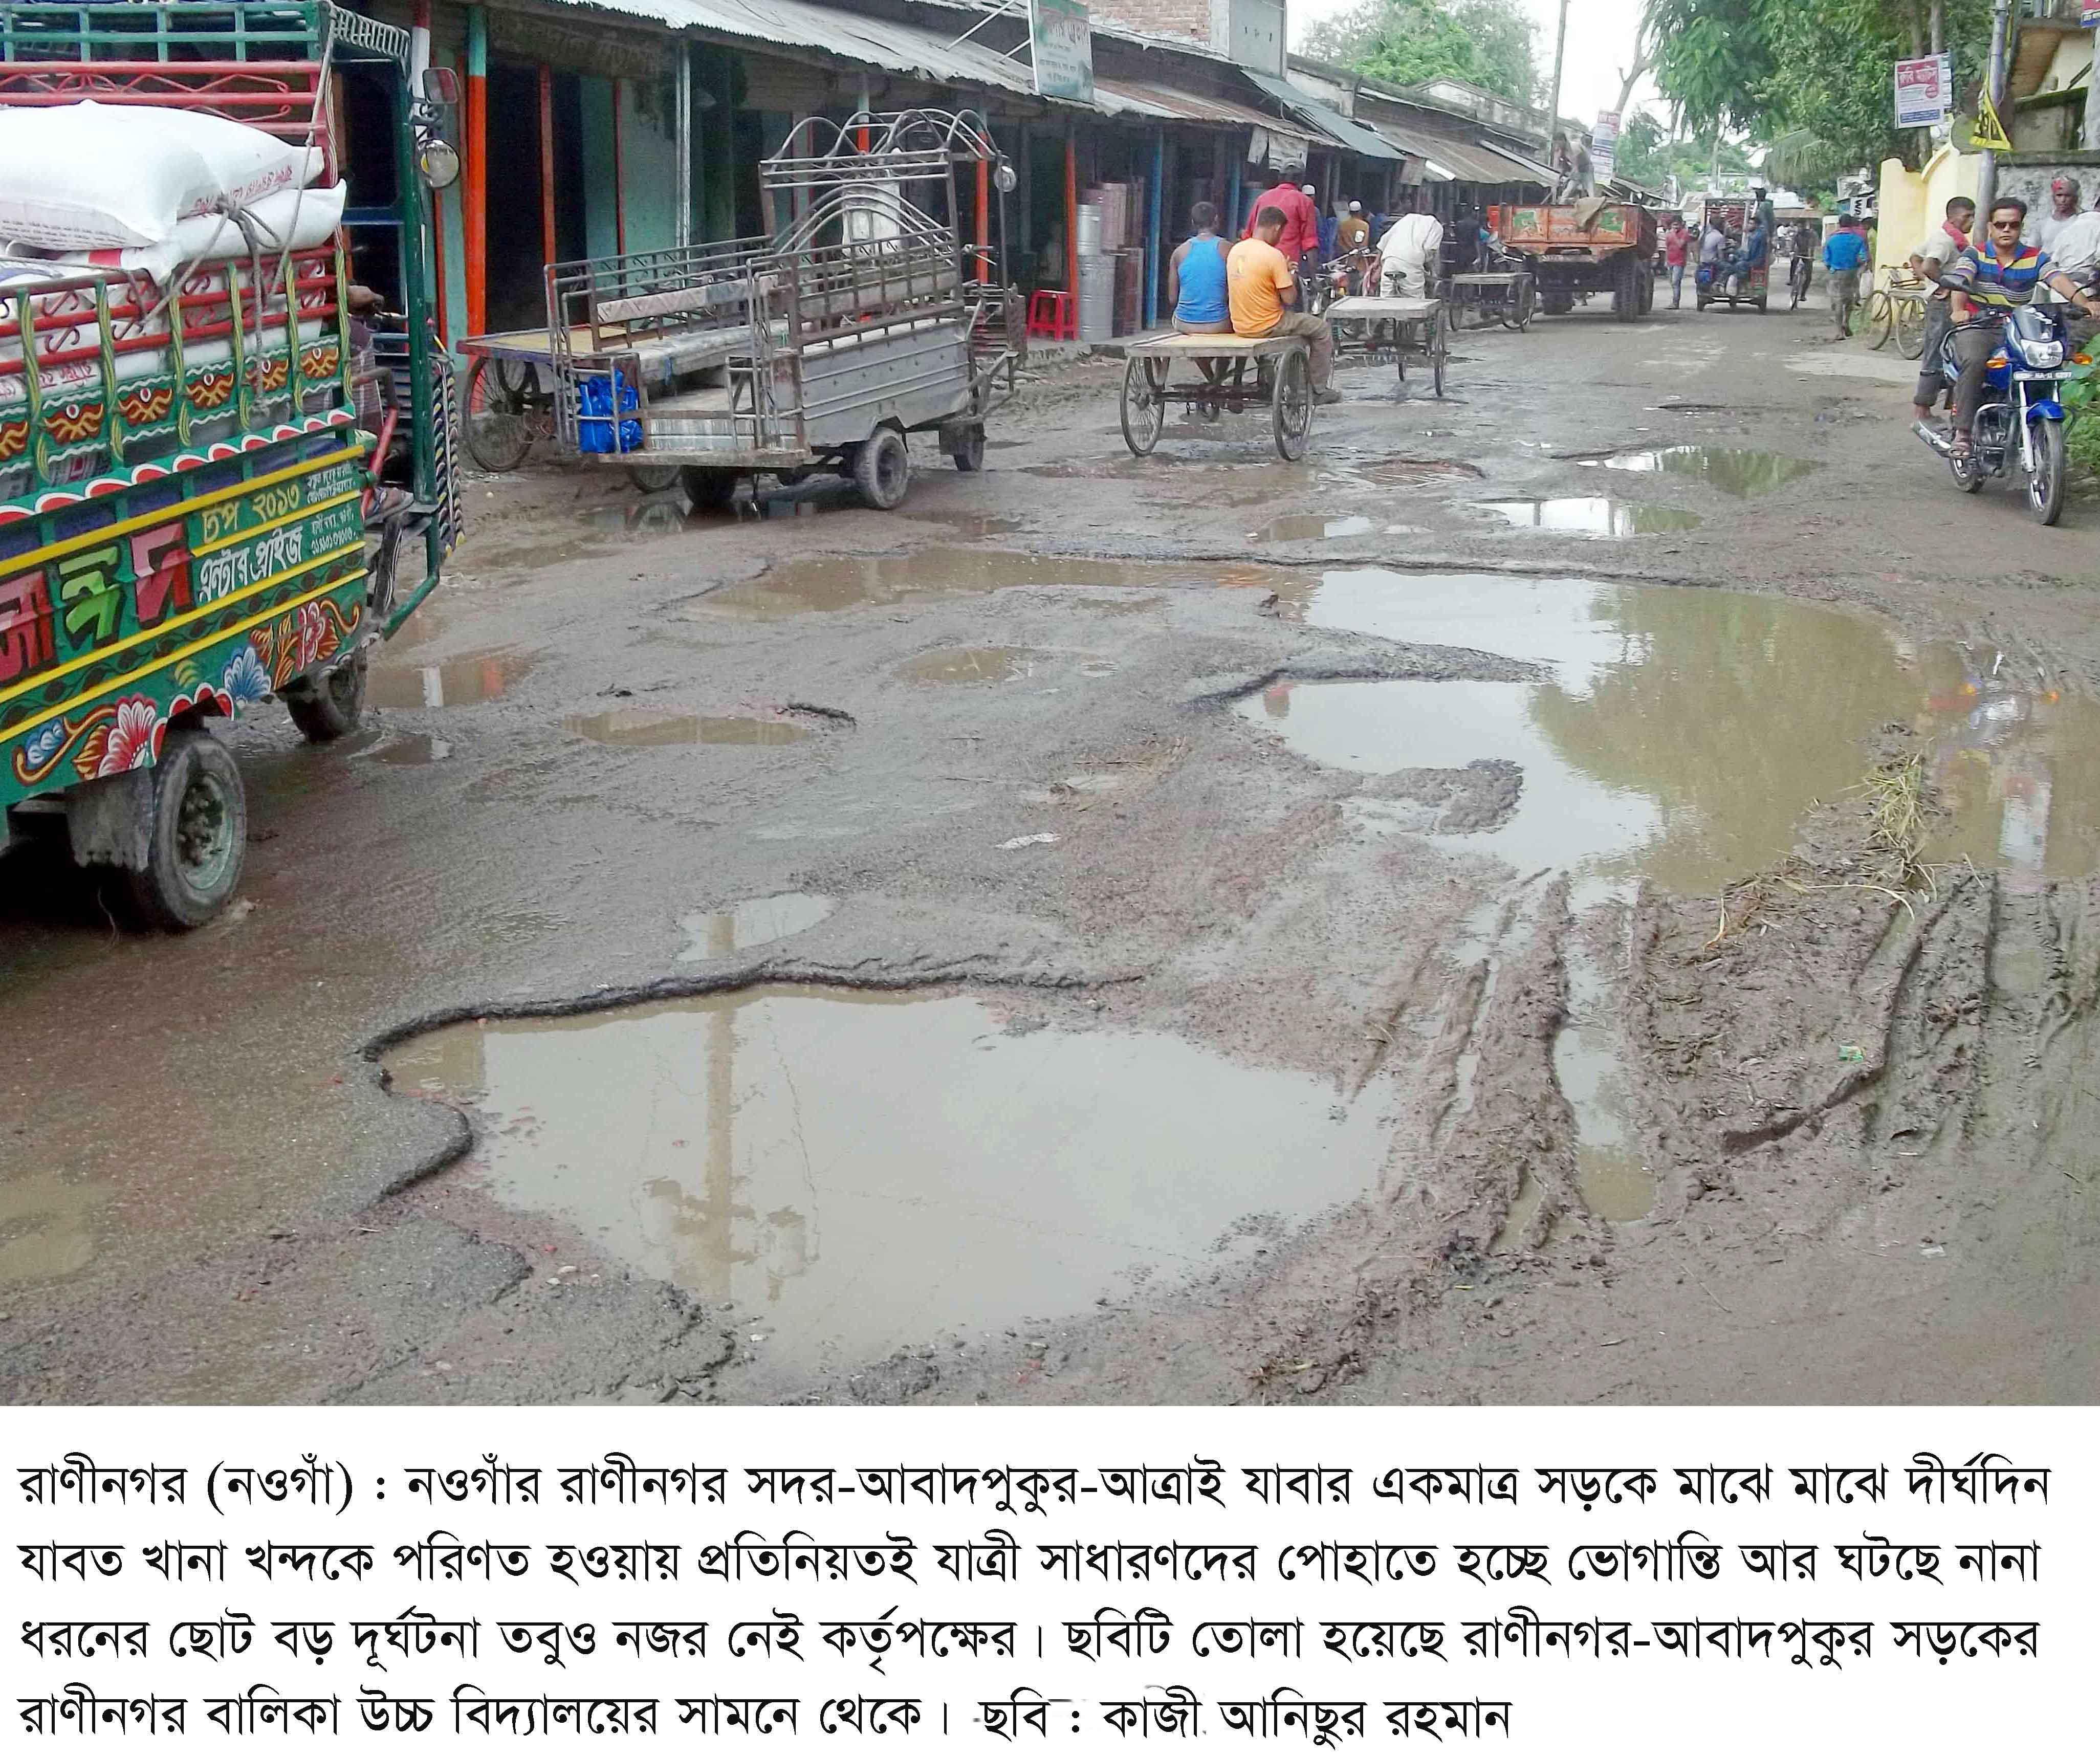 Road Picture Raninagar,Naogaon 29.06.15